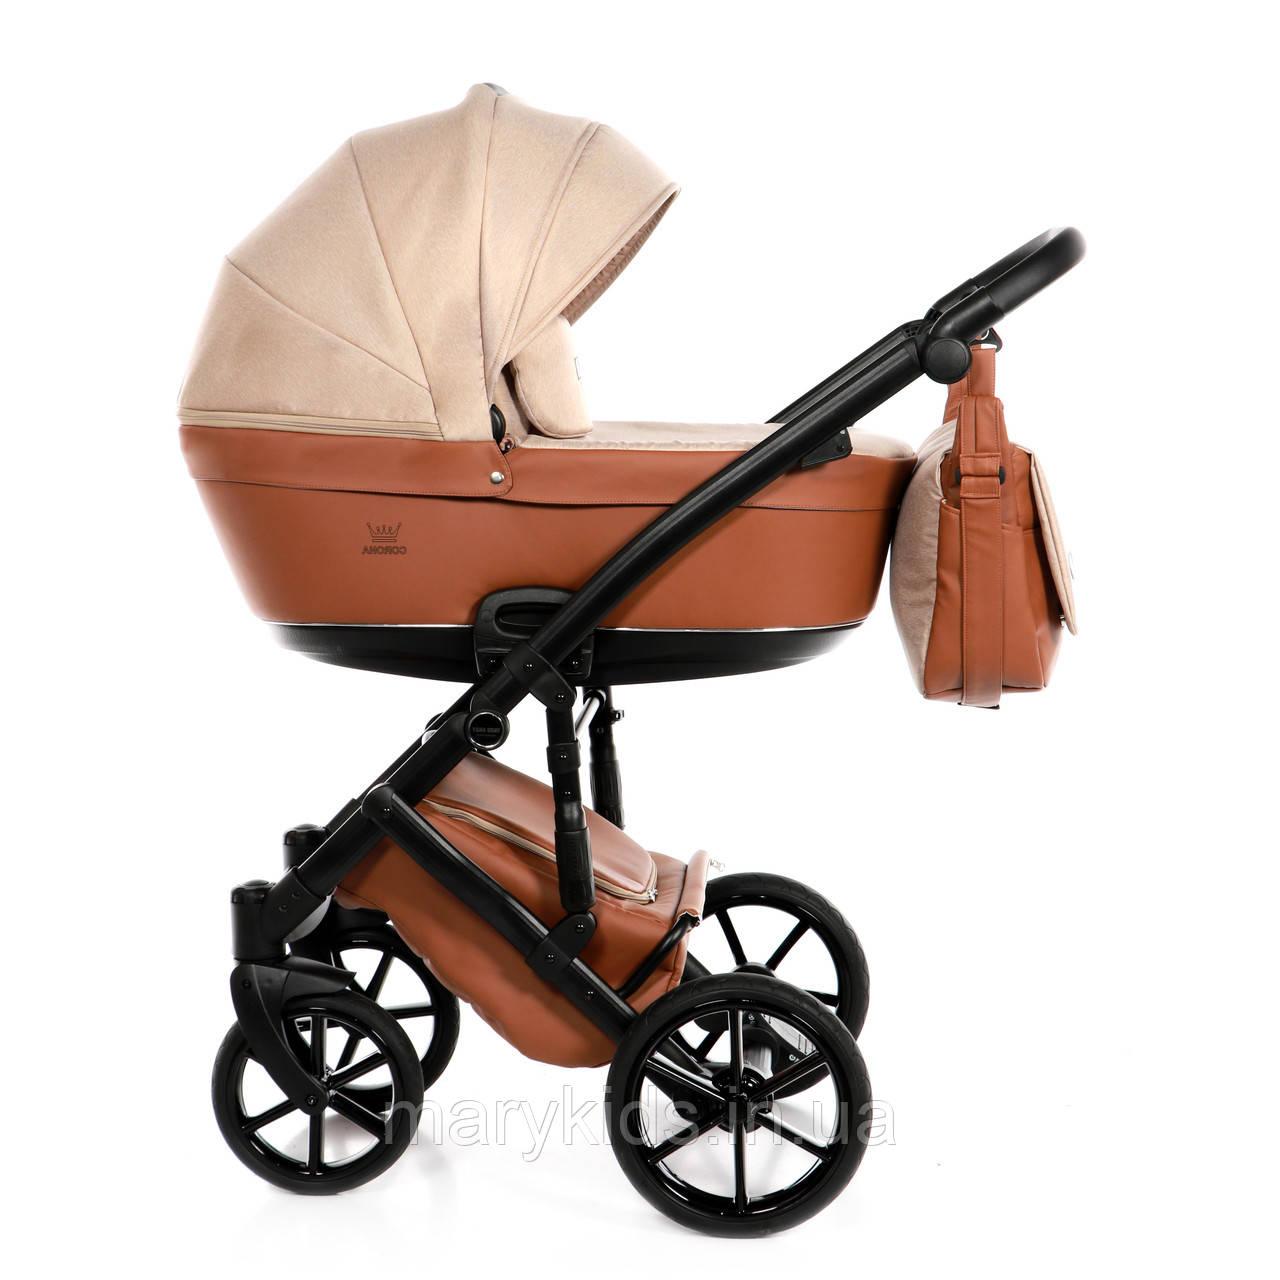 Детская универсальная коляска 2 в 1 Tako Corona Light 03